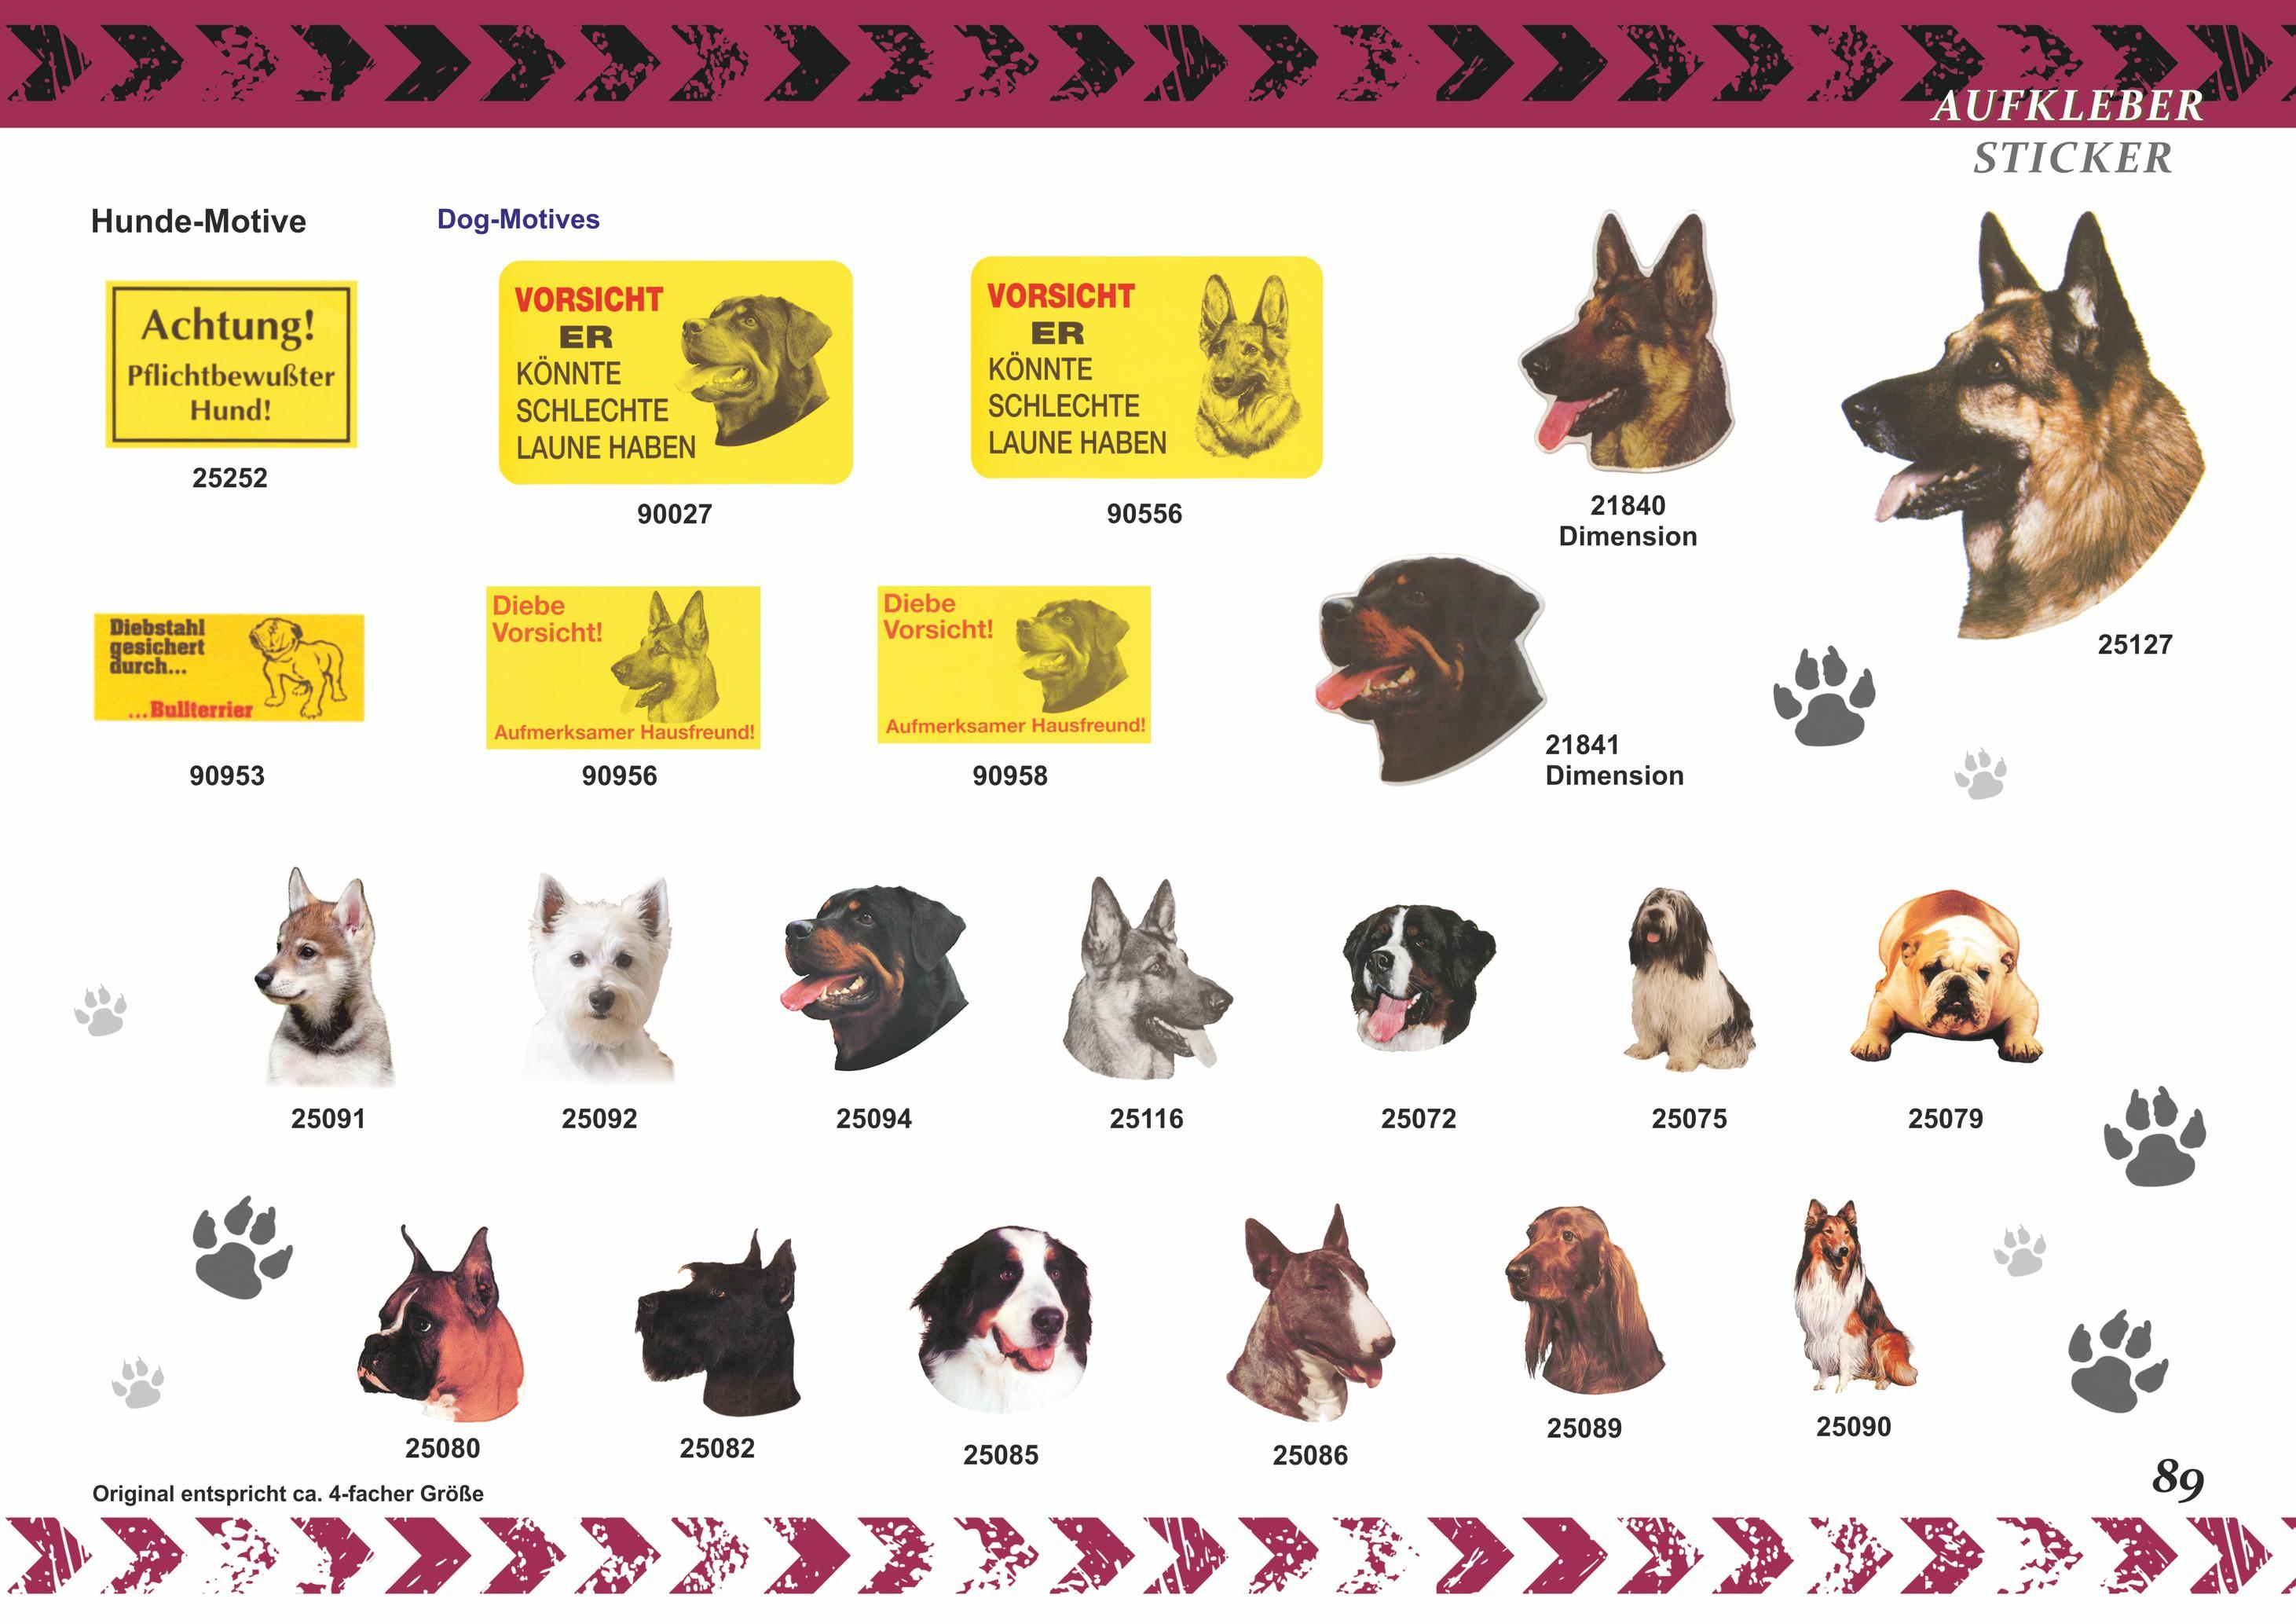 Aufkleber Hund Französische Bulldogge 120 x 110 mm – Bild 5